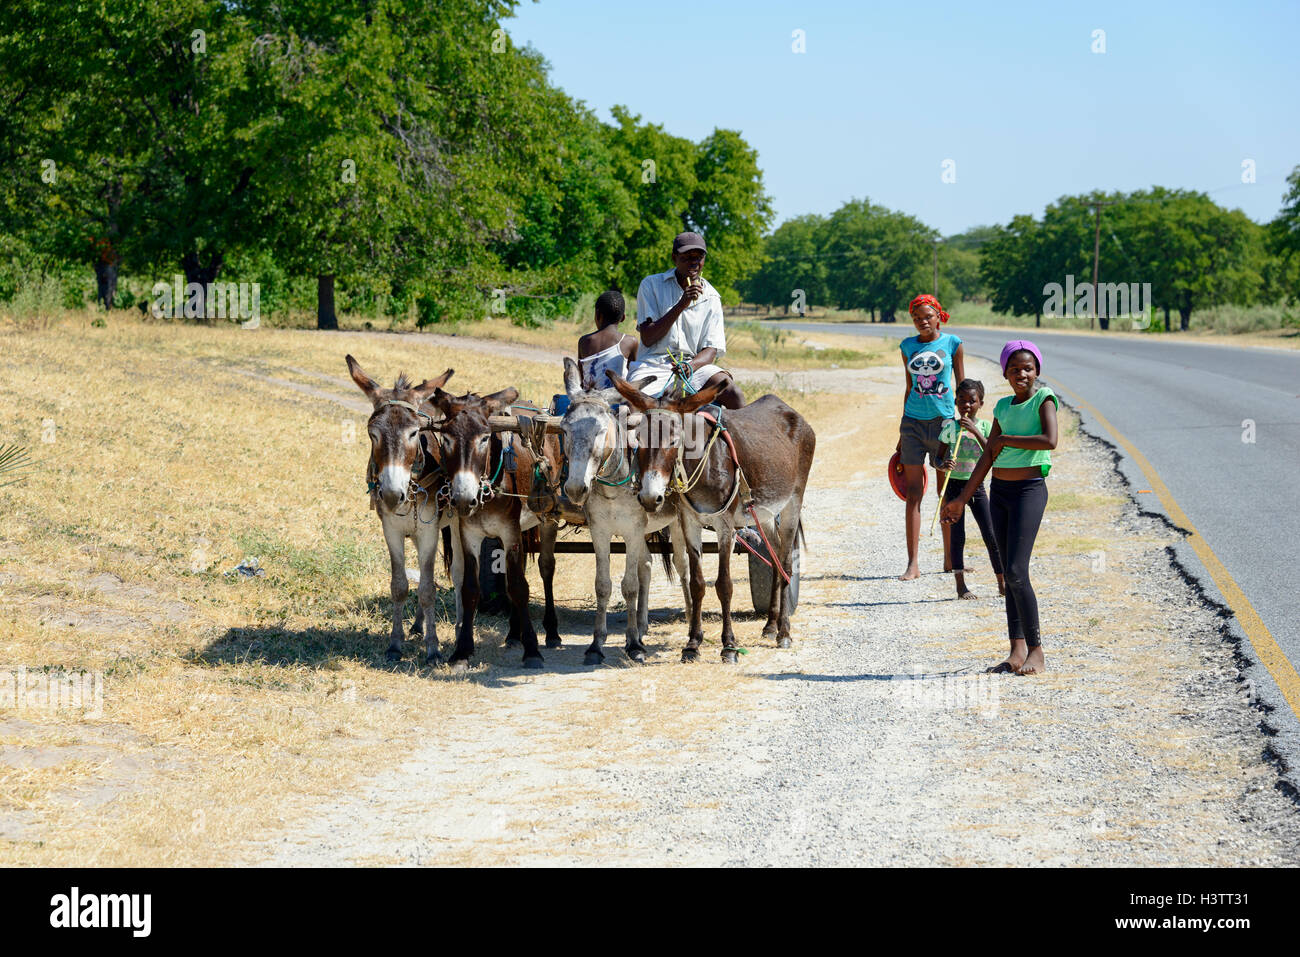 Donkey cart, north of Maun, Botswana - Stock Image